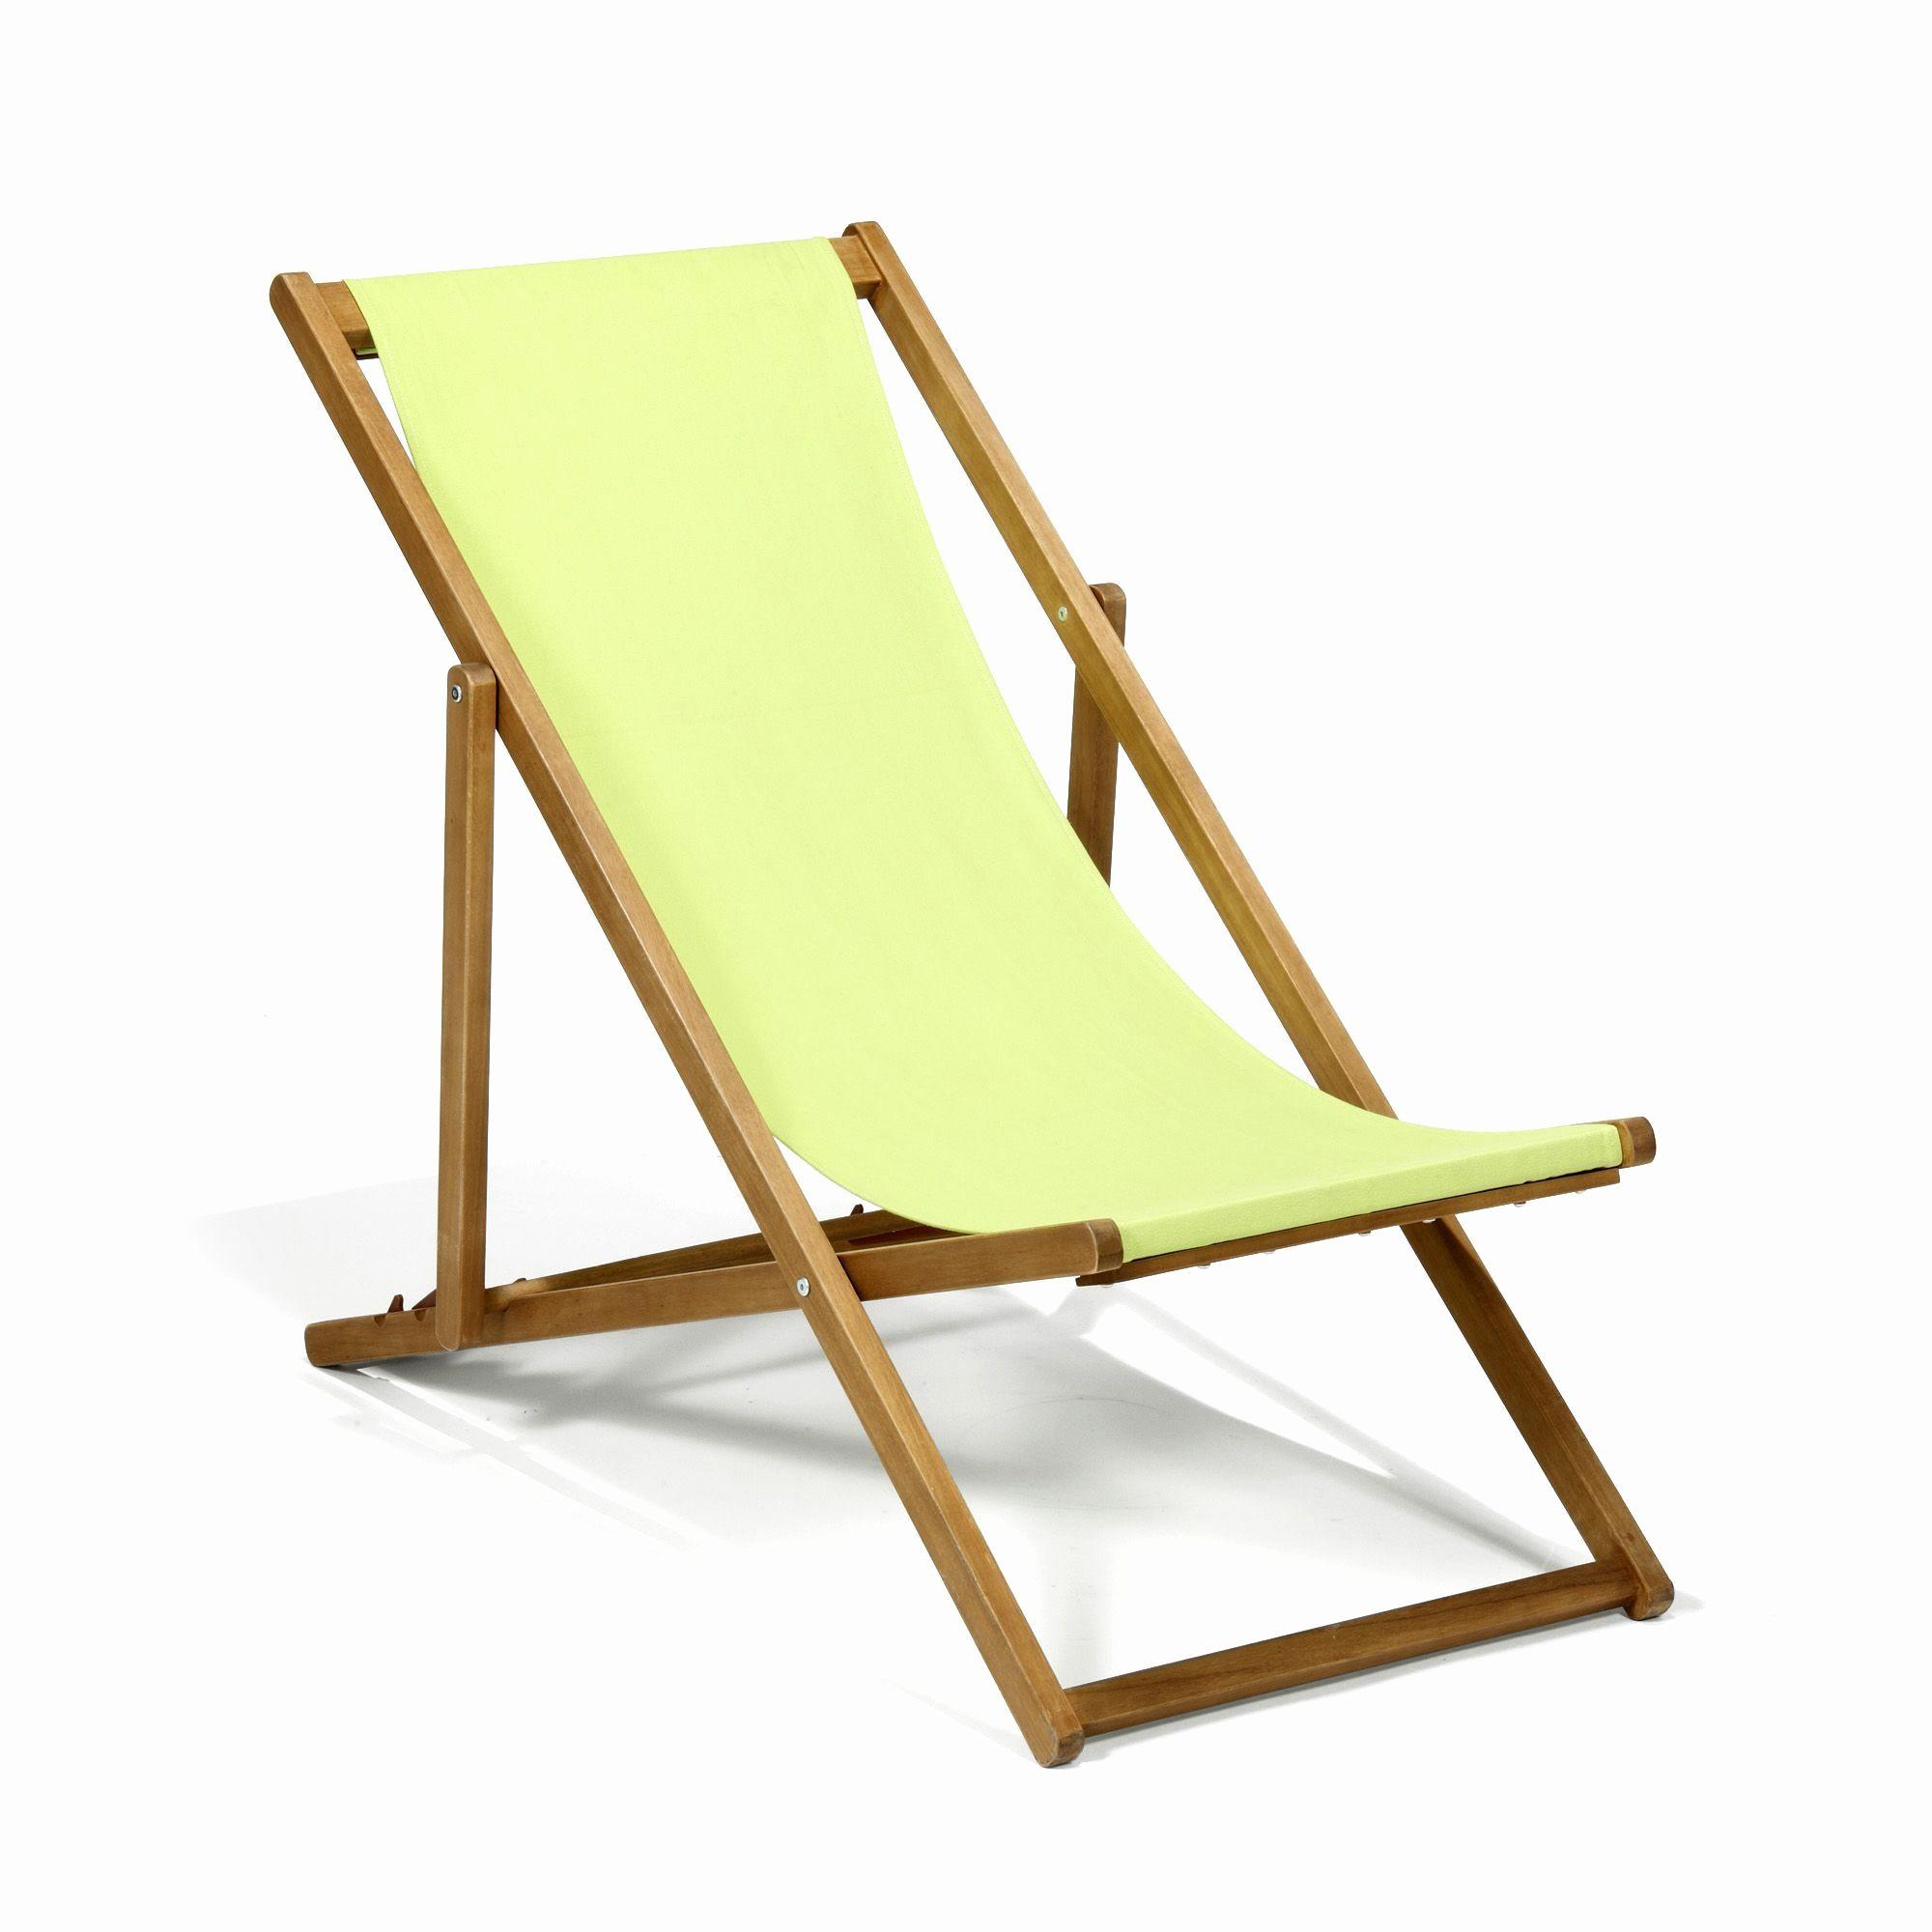 Pin On Jardins Paysagiste destiné Mobilier De Jardin Ikea